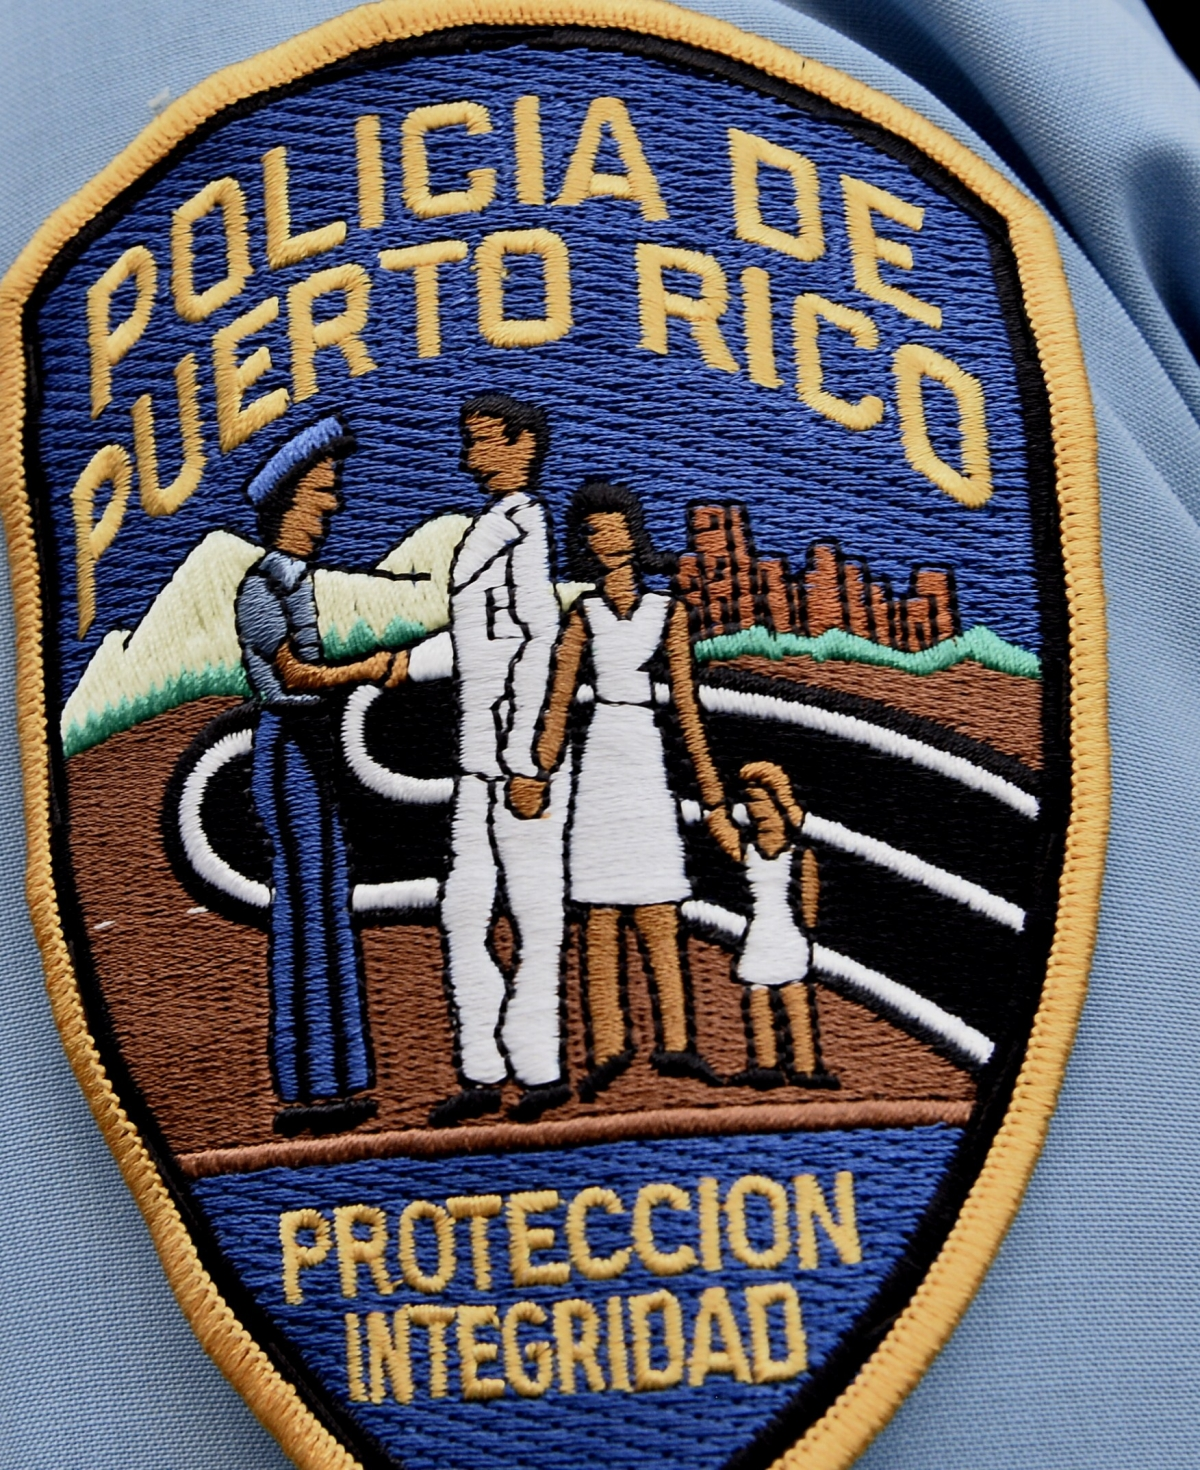 Puerto Pico Police